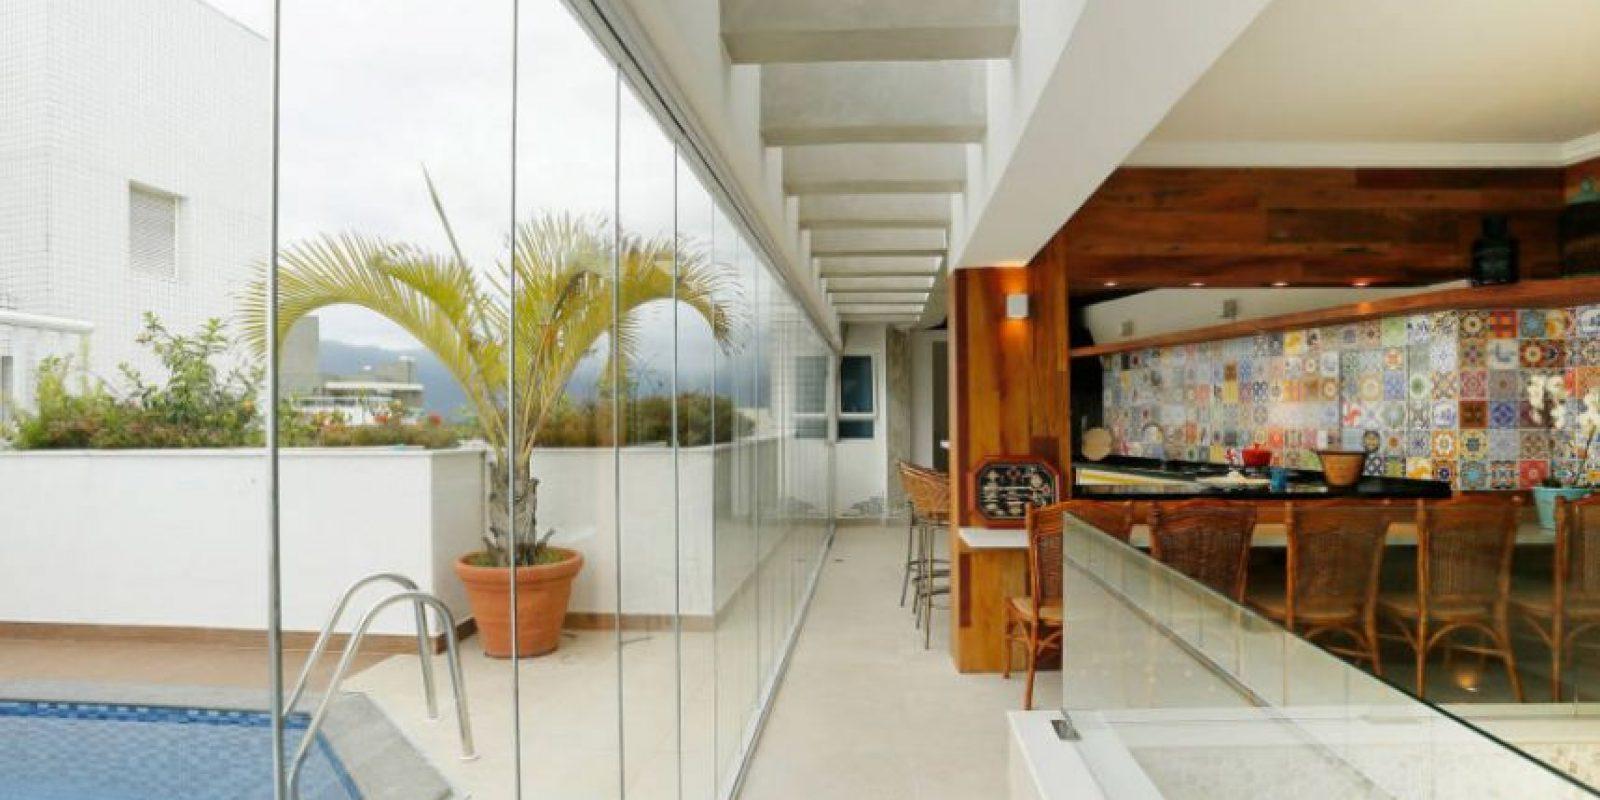 Diseño por MAYRA LOPES ARQUITETURA | INTERIORES Foto: https://www.homify.com.mx/fotografia/623602/penthouse-riviera-de-sao-lourenco